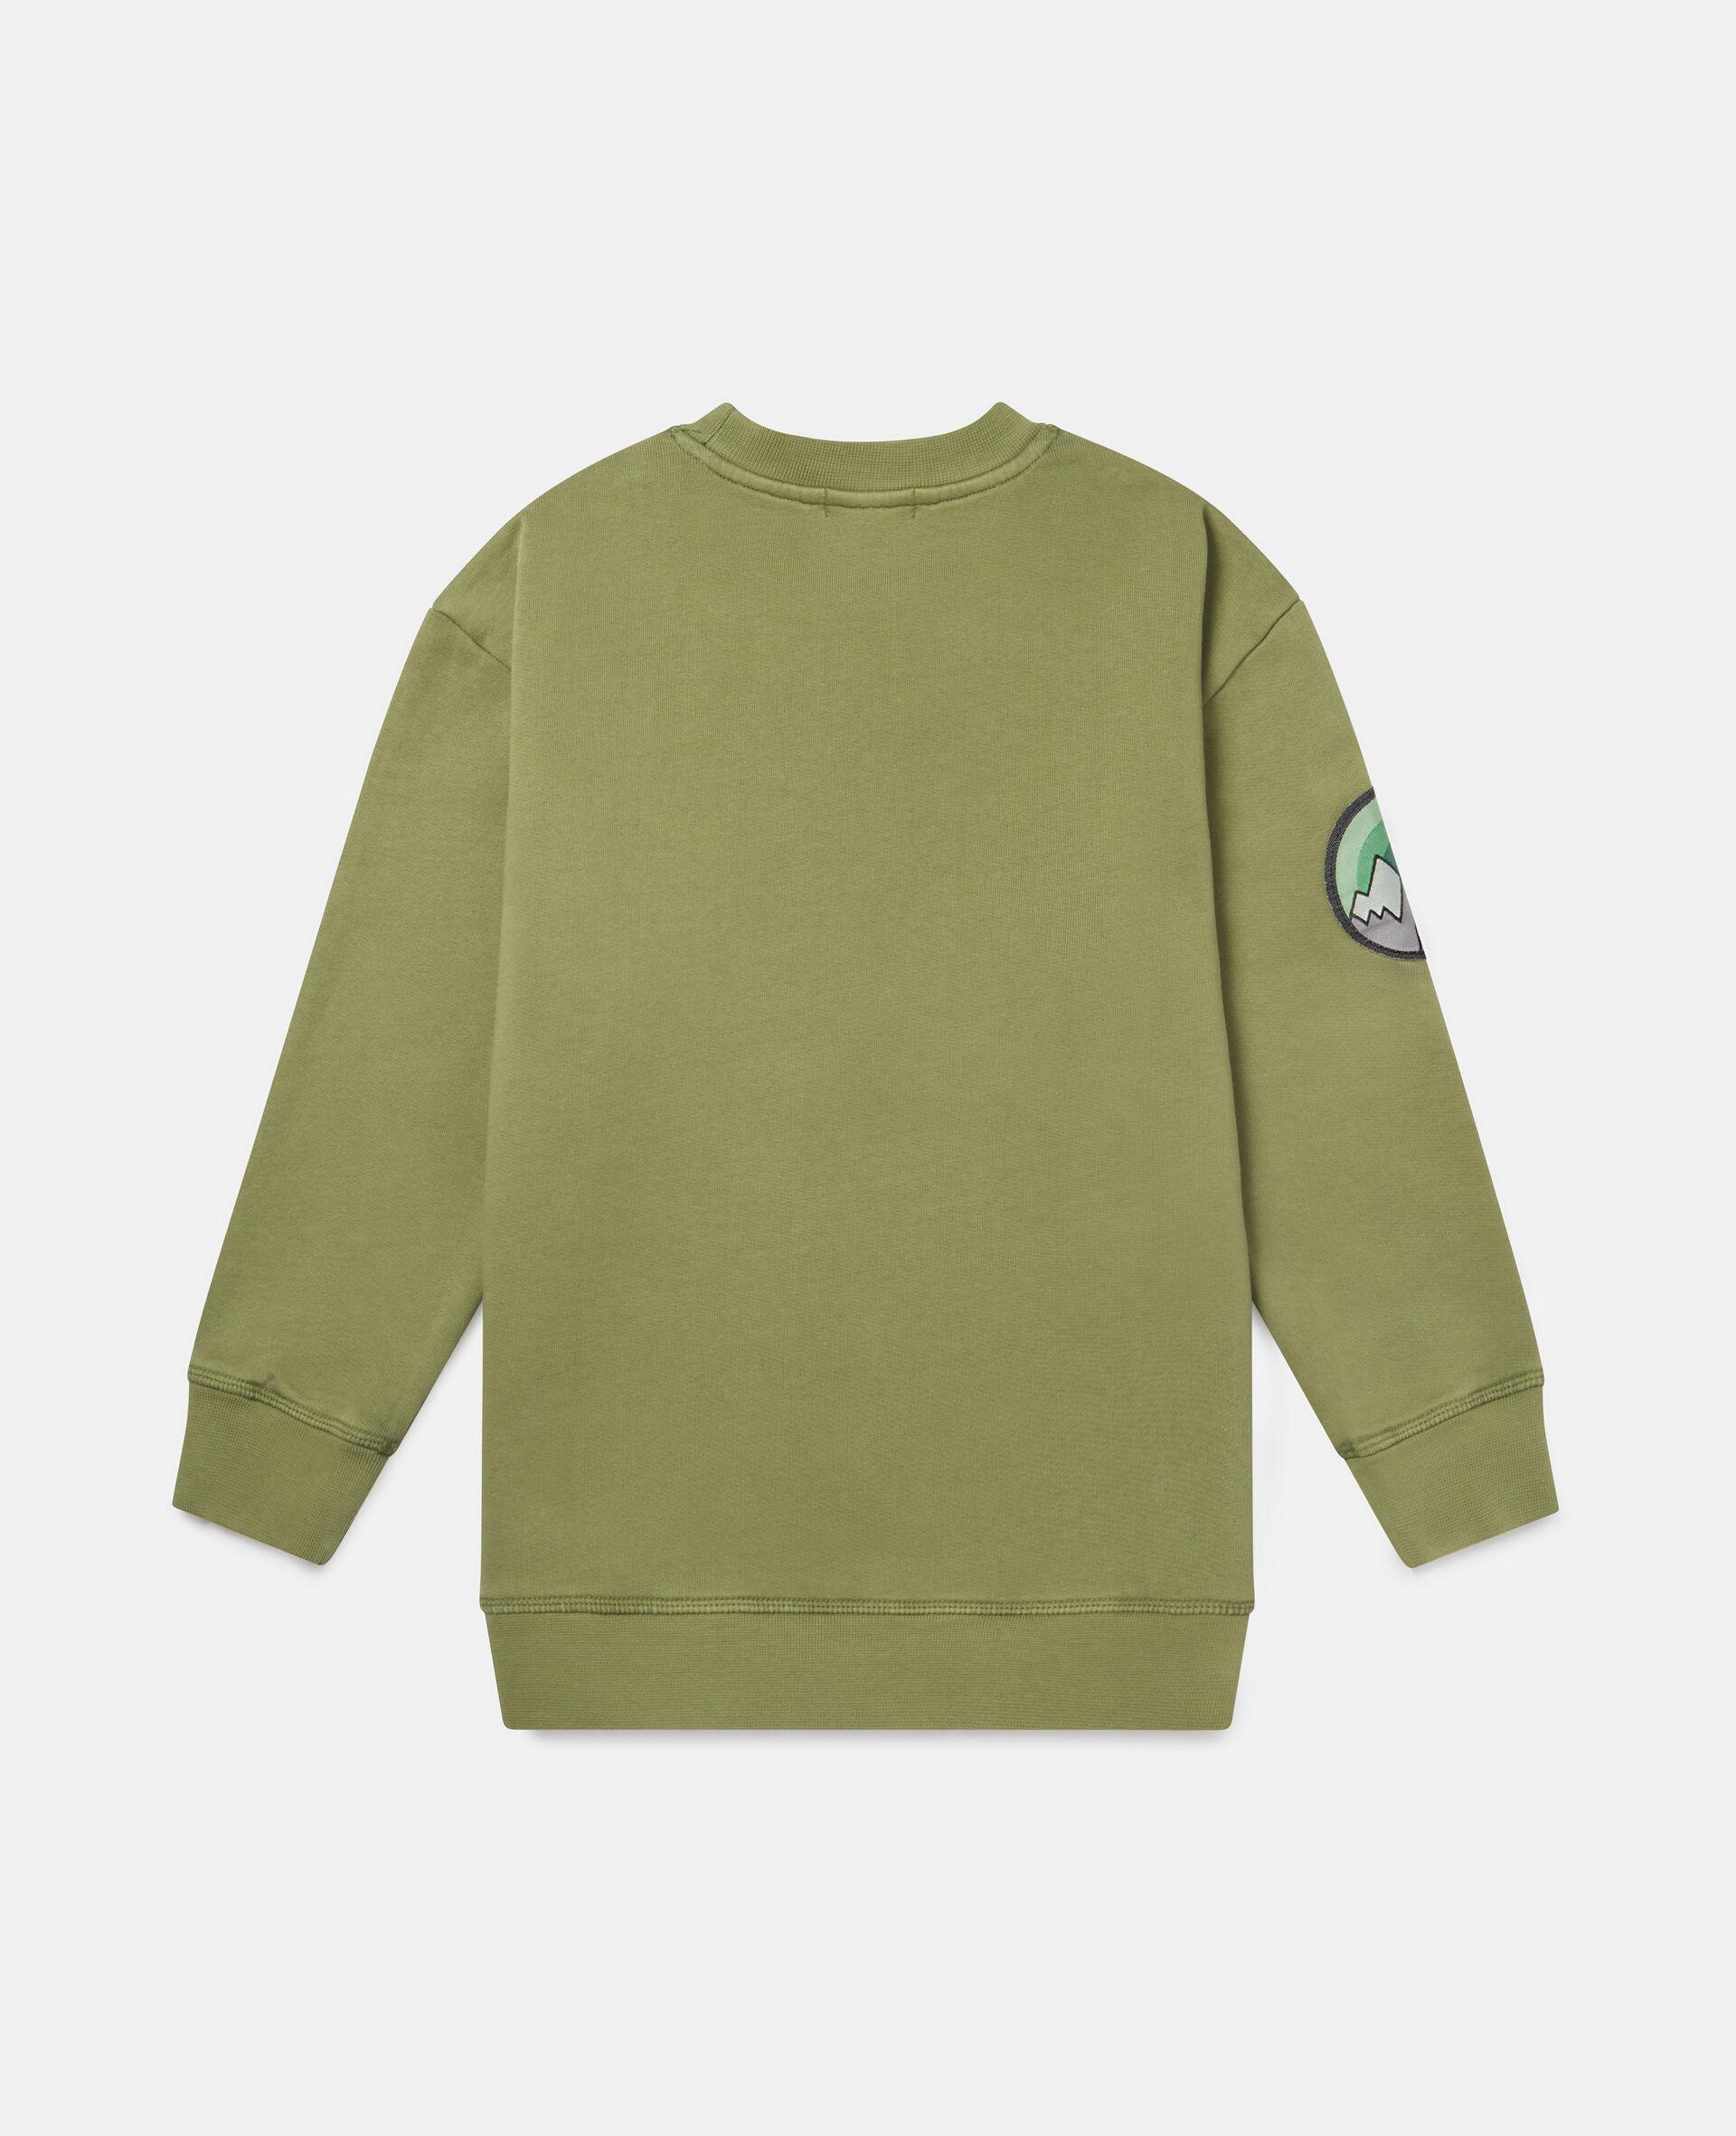 Oversized Mountain Fleece Sweatshirt-Green-large image number 3